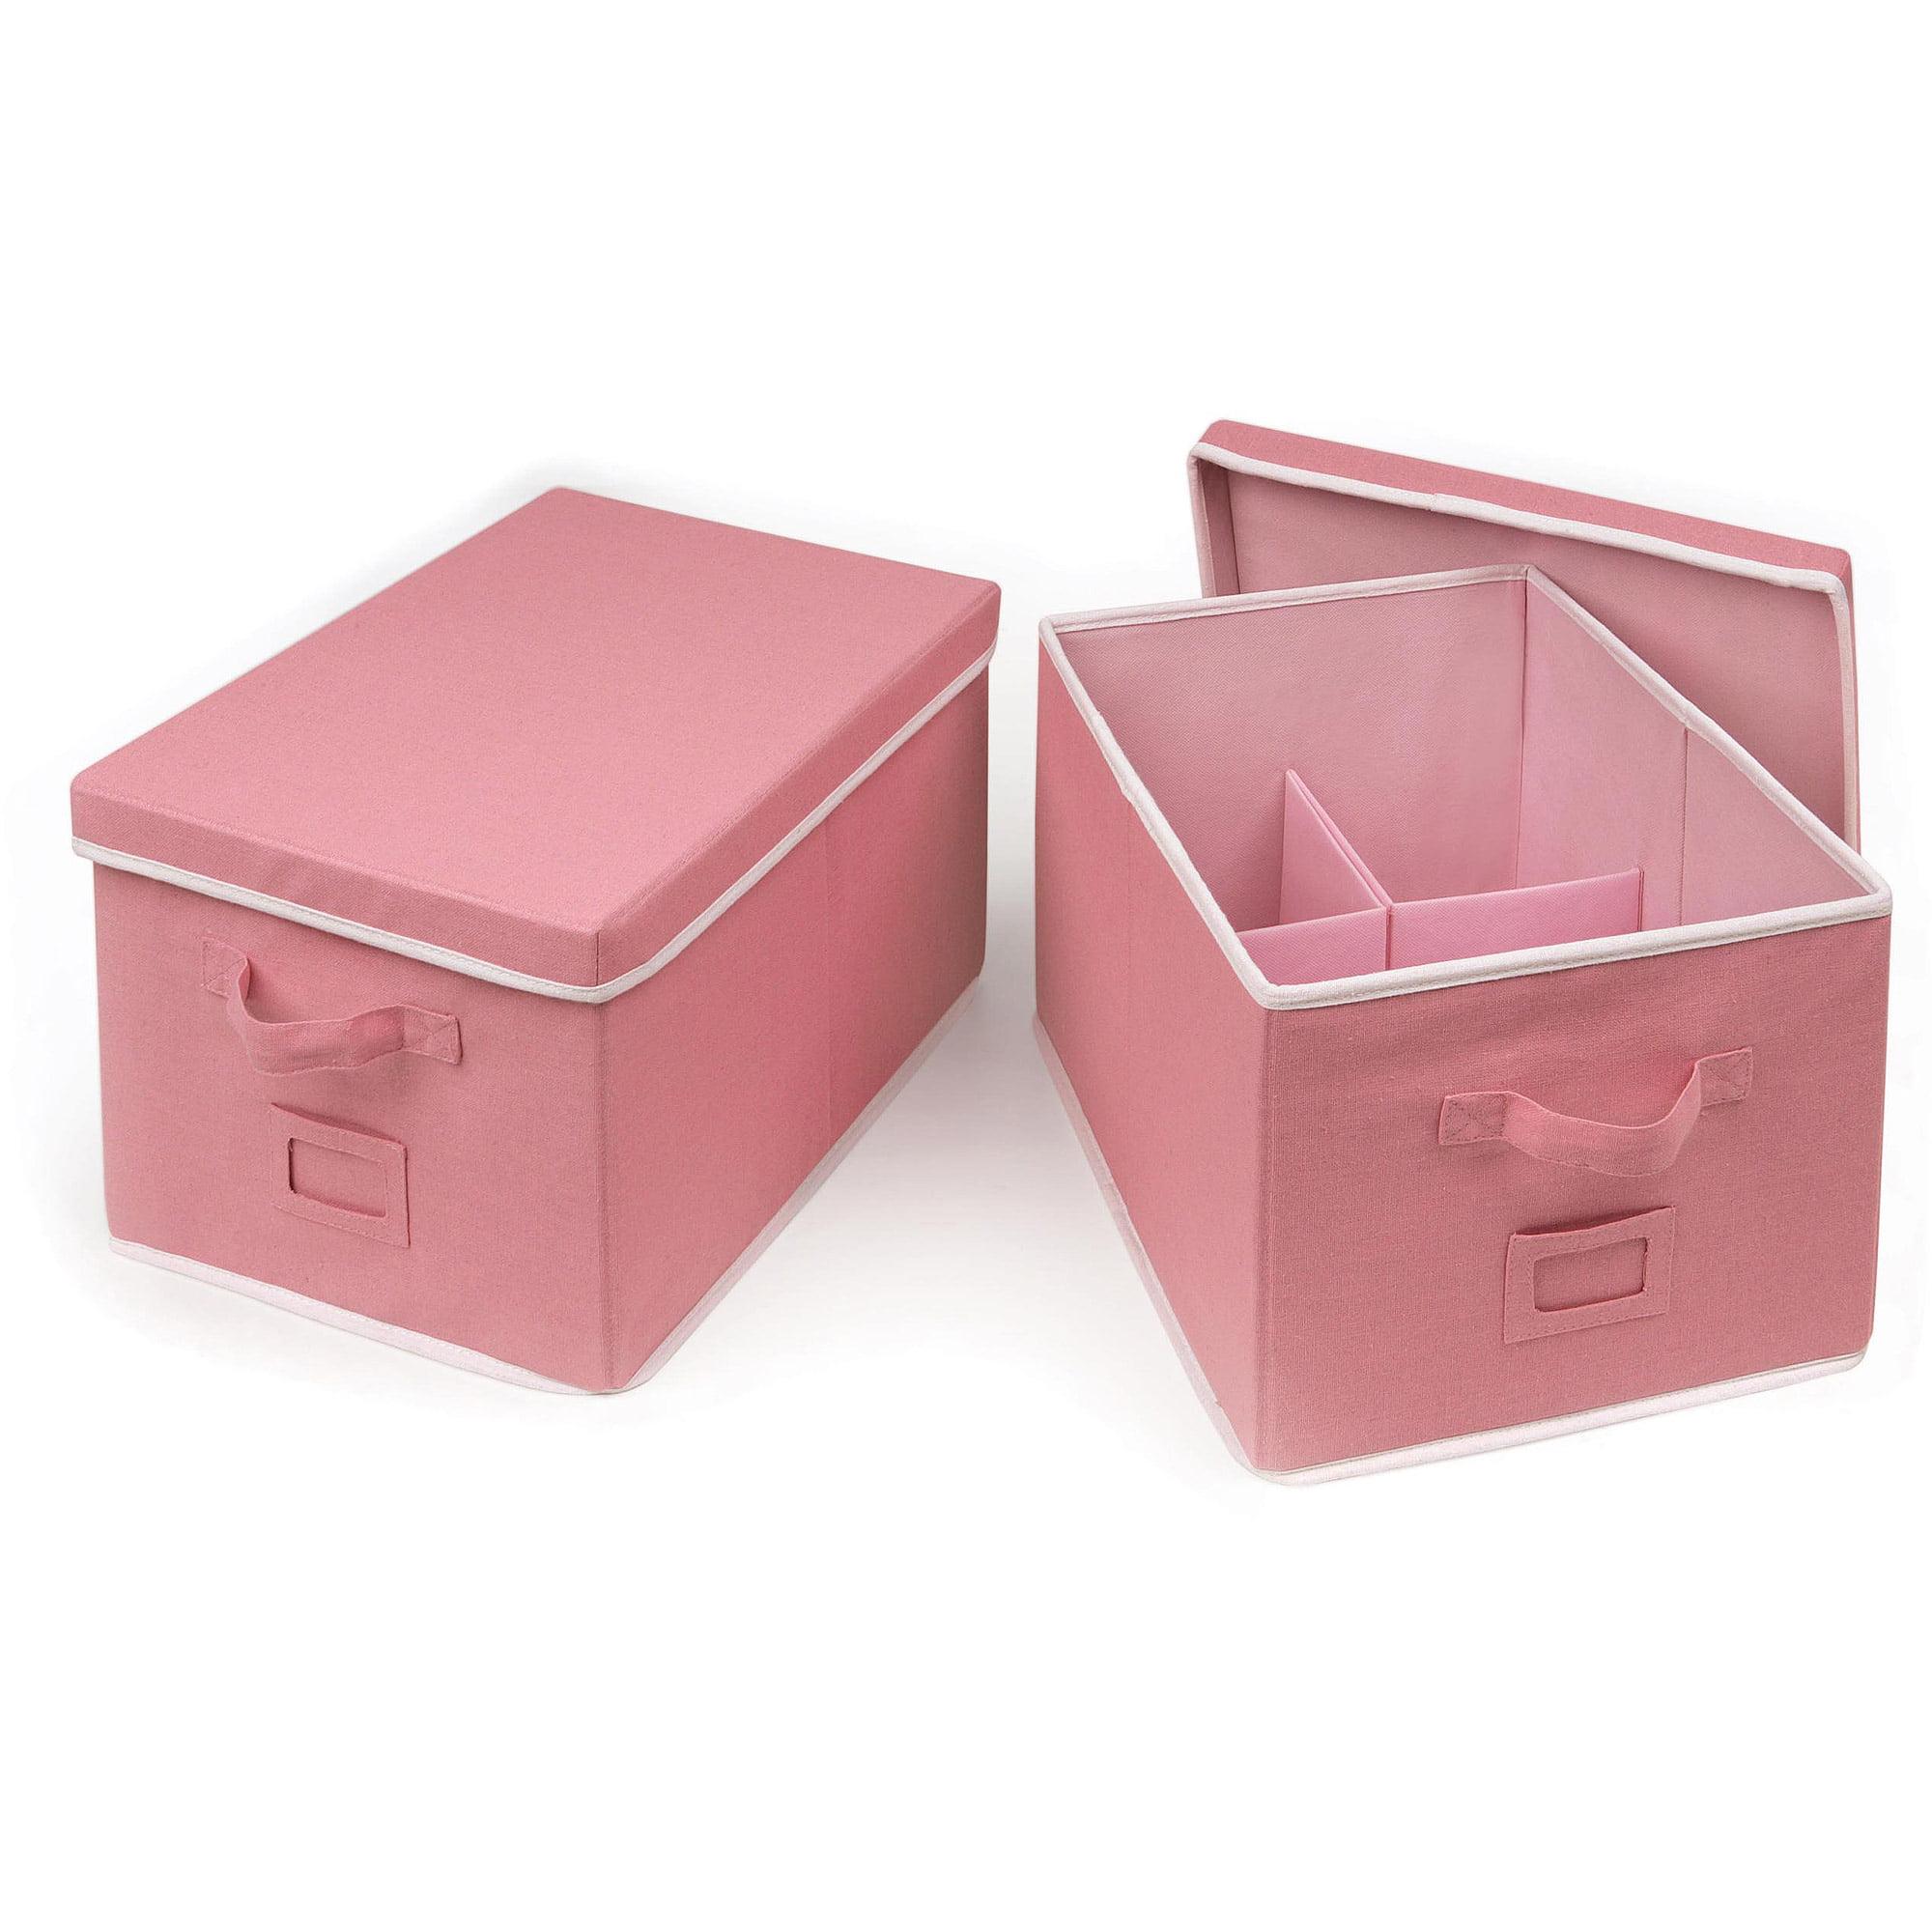 Badger Basket Large Folding Storage Baskets with Adjustable Dividers, Set of 2, Choose Your Color